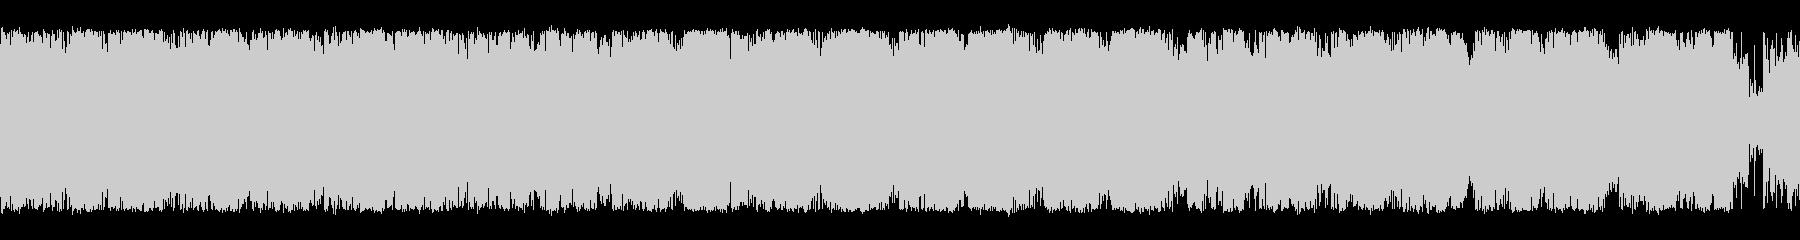 オーケストラとクワイア編成の森っぽいダ…の未再生の波形